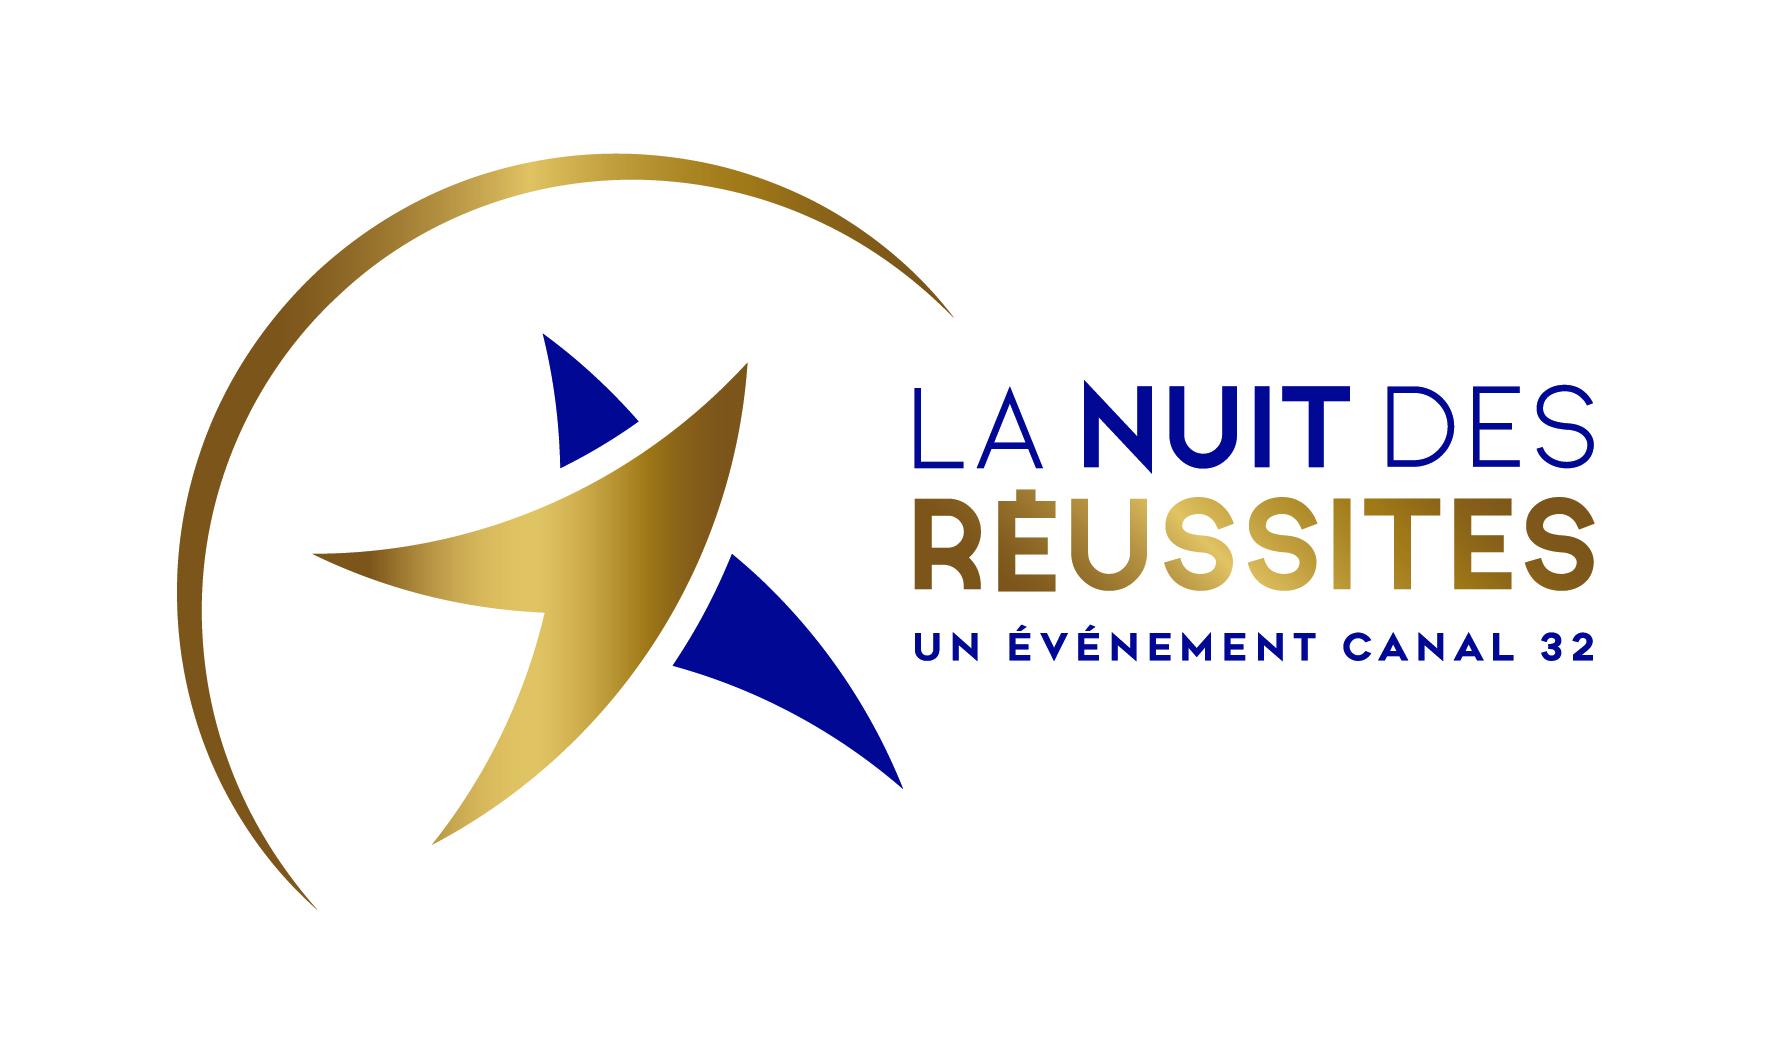 Image de la chaîne éphémère La nuit des Réussites de Canal 32.